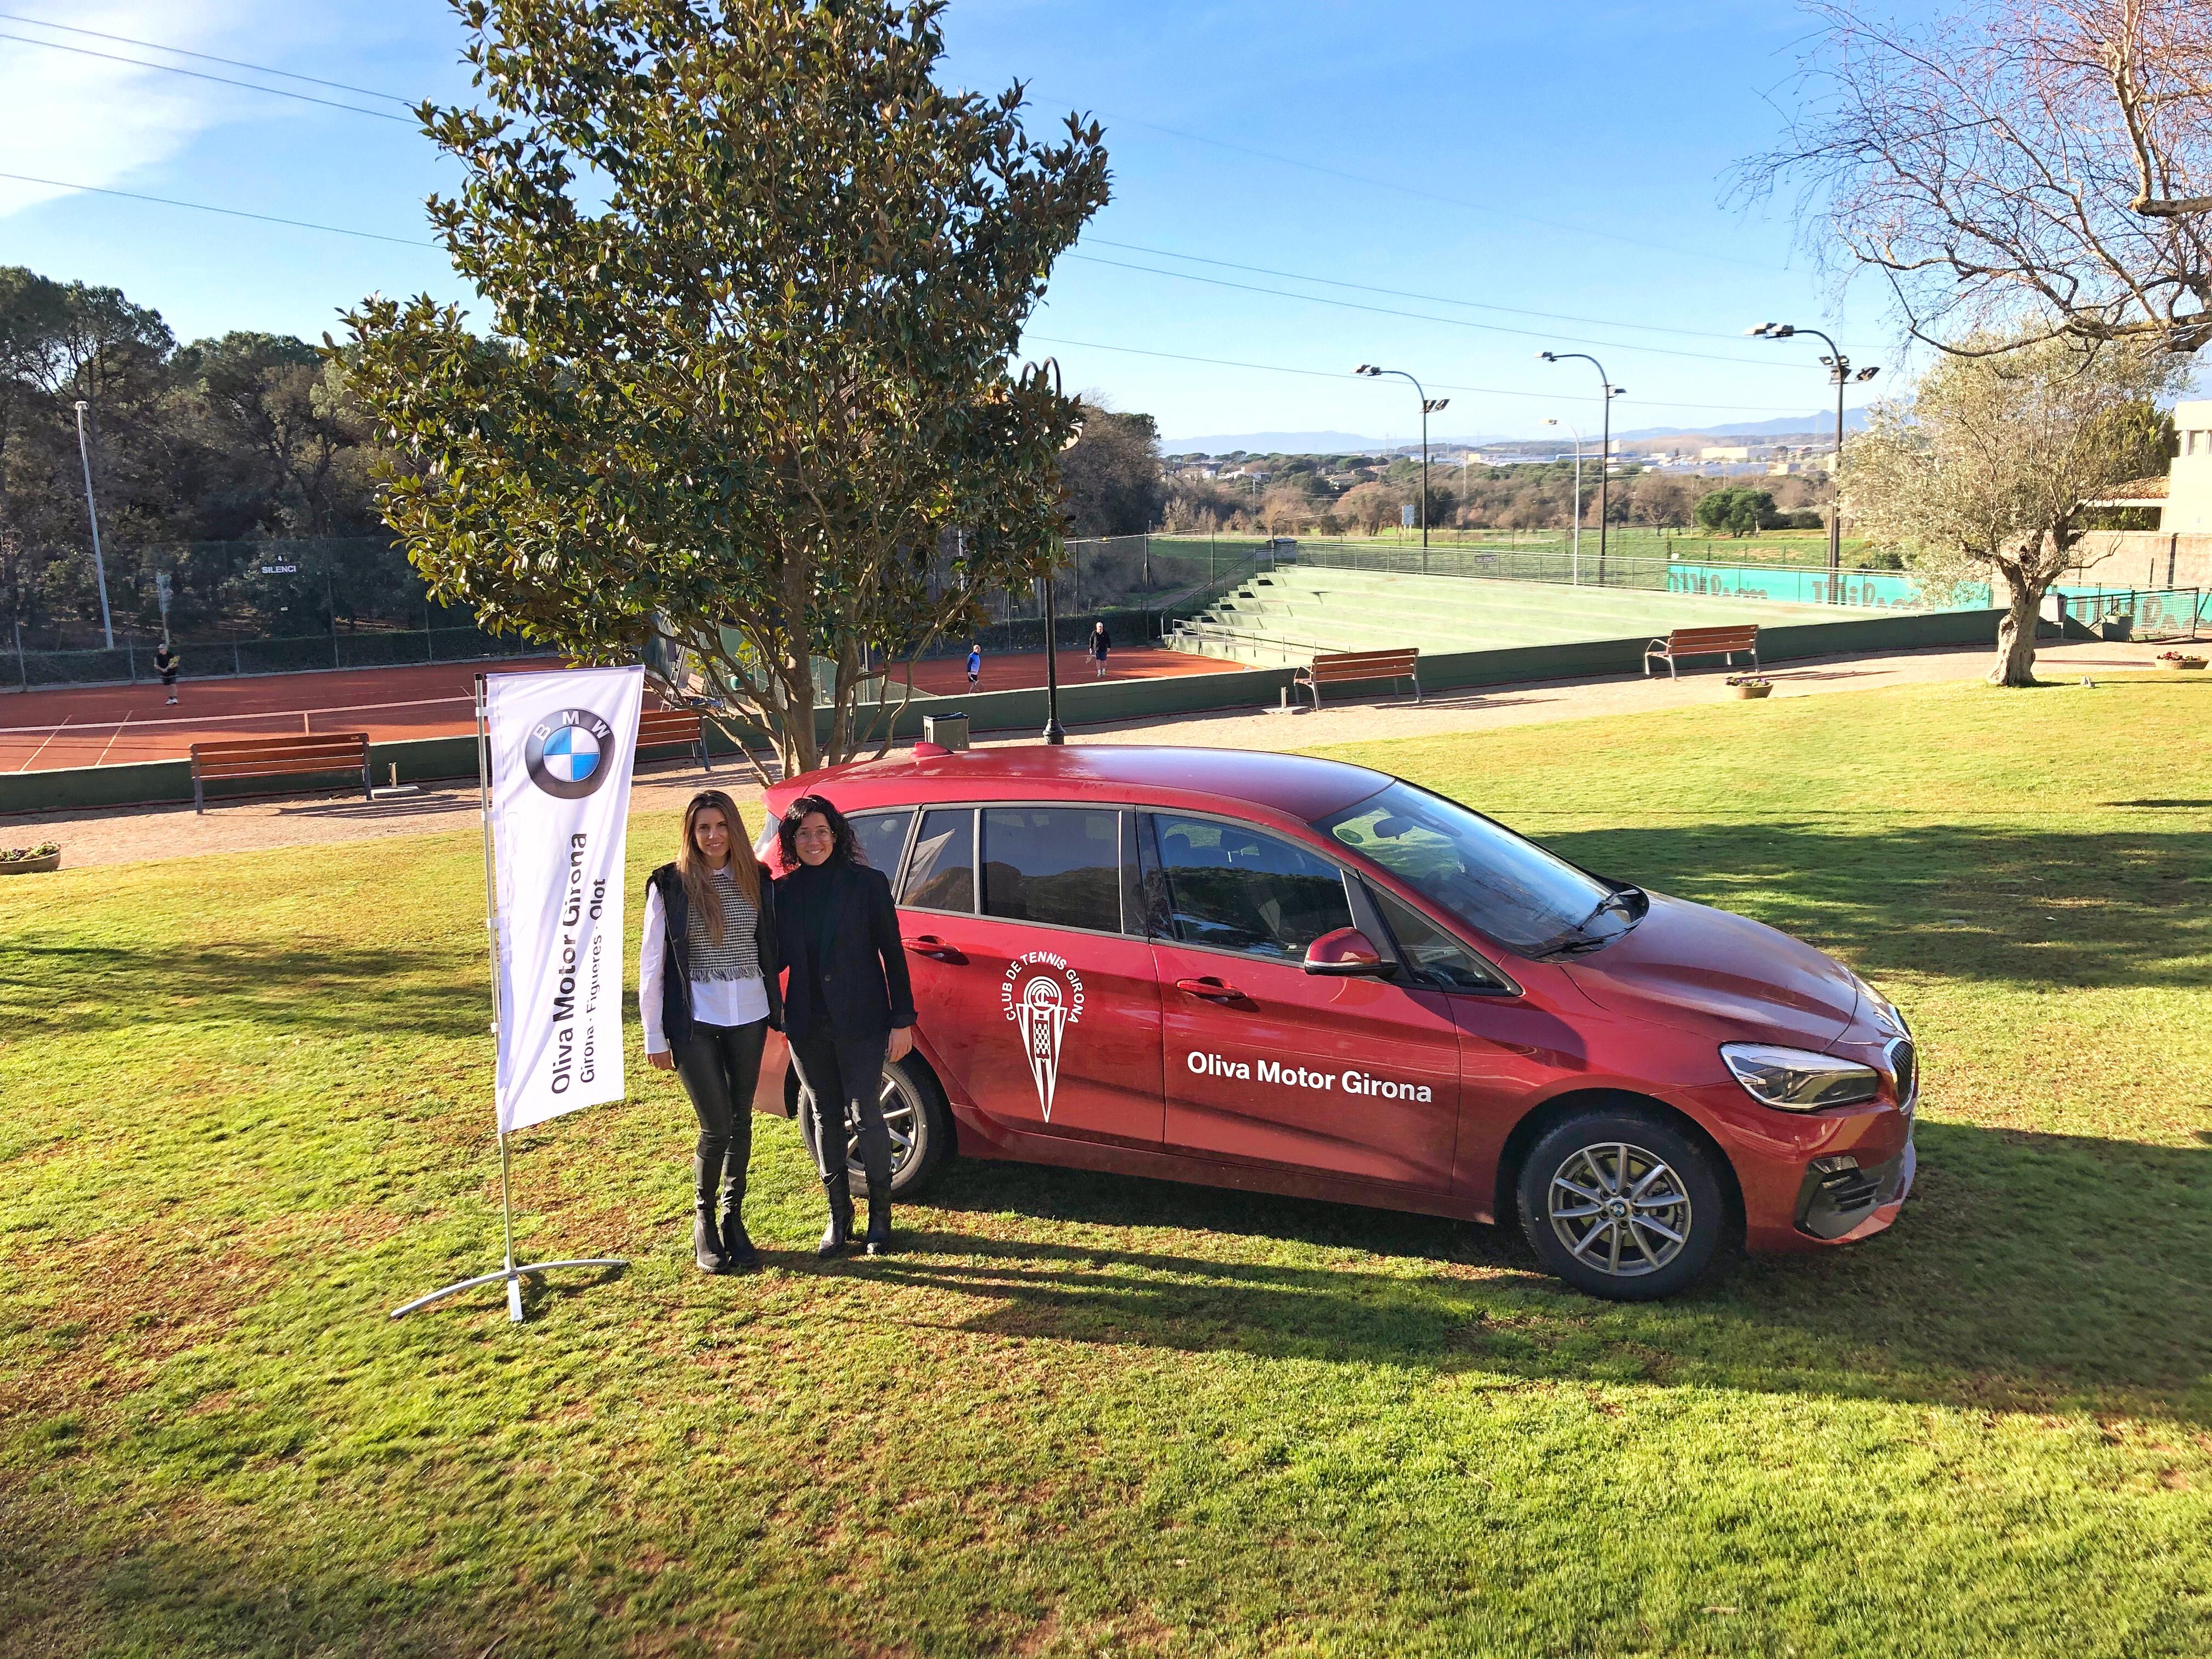 Oliva Motor Girona signa un conveni amb el Club de Tennis Girona